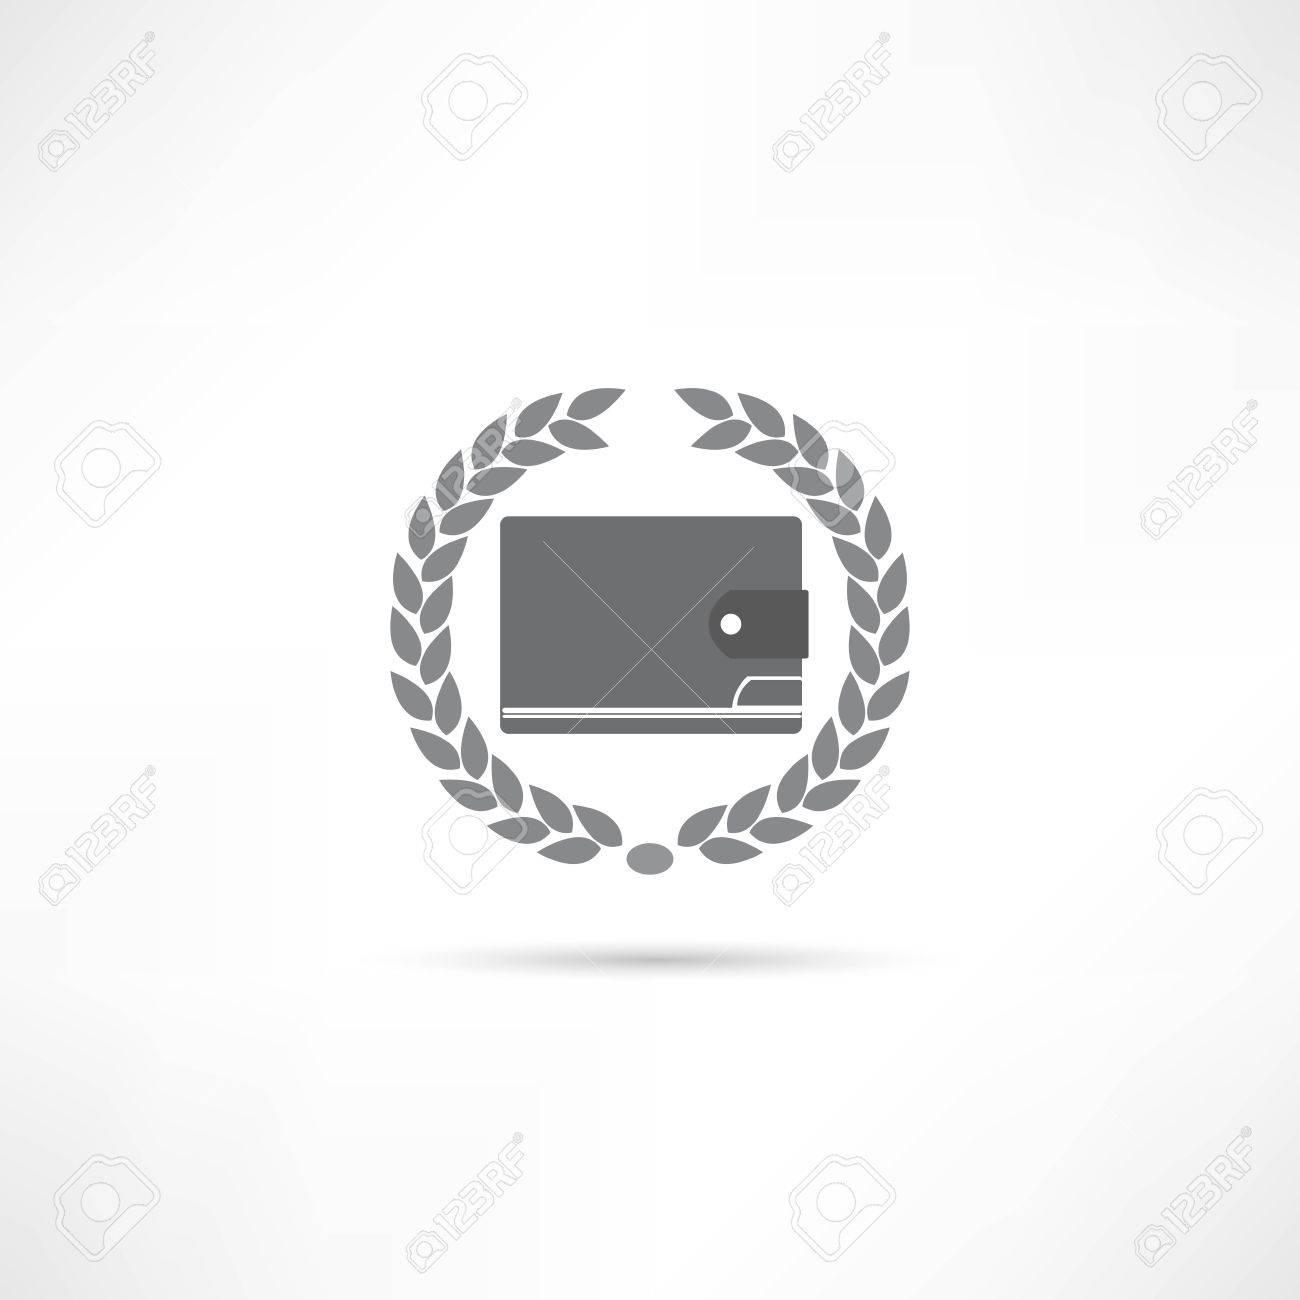 purse icon Stock Vector - 21981884